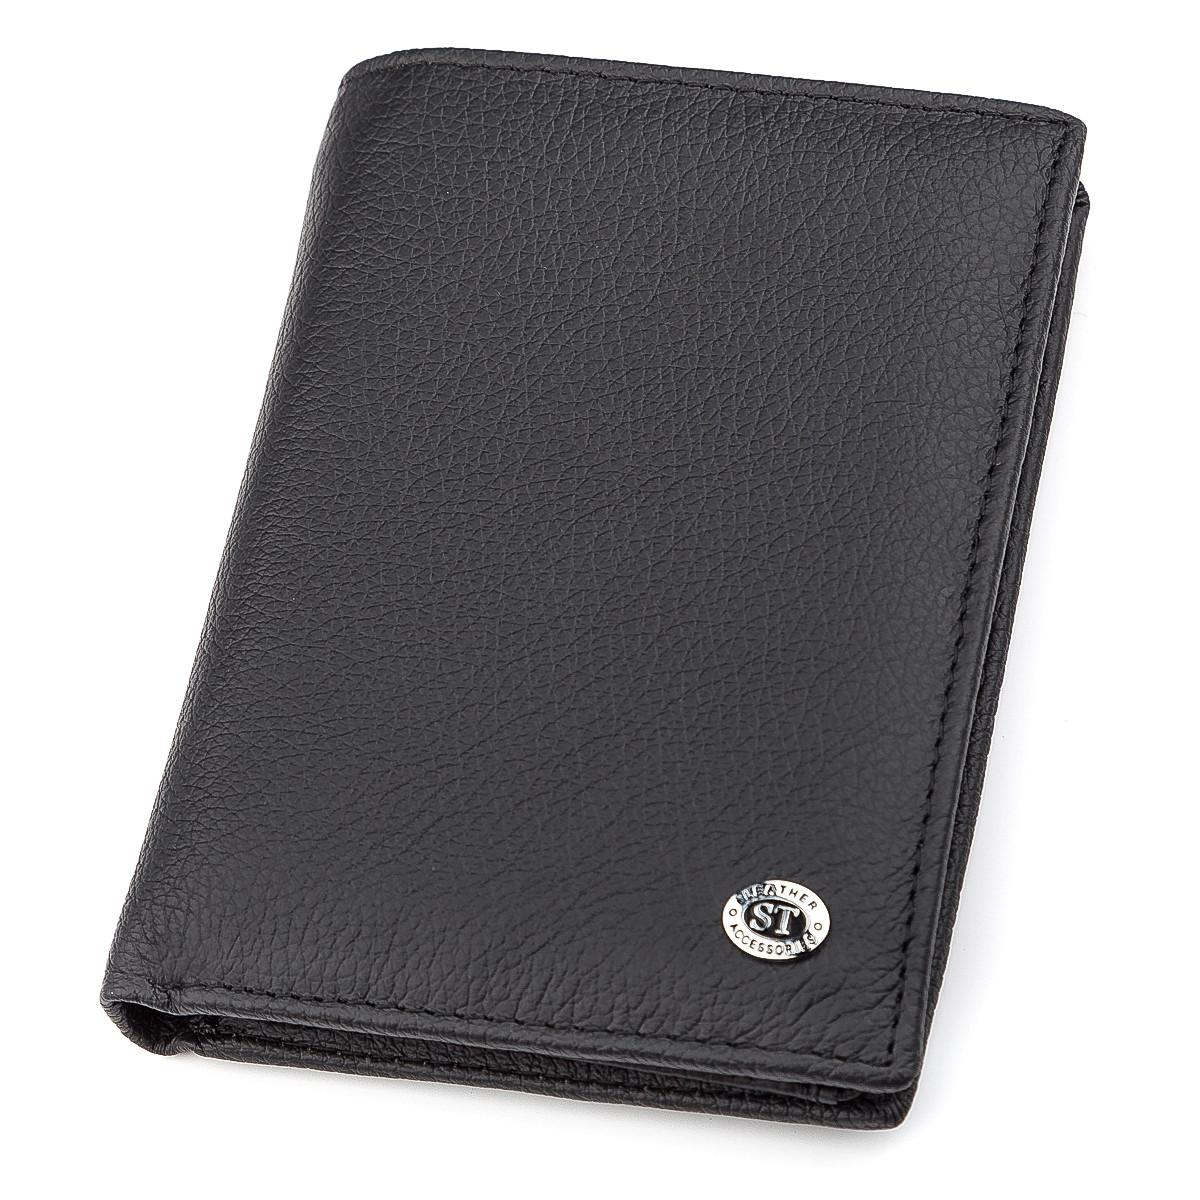 Чоловічий гаманець ST Leather 18350 (ST-2) Чорний, Чорний